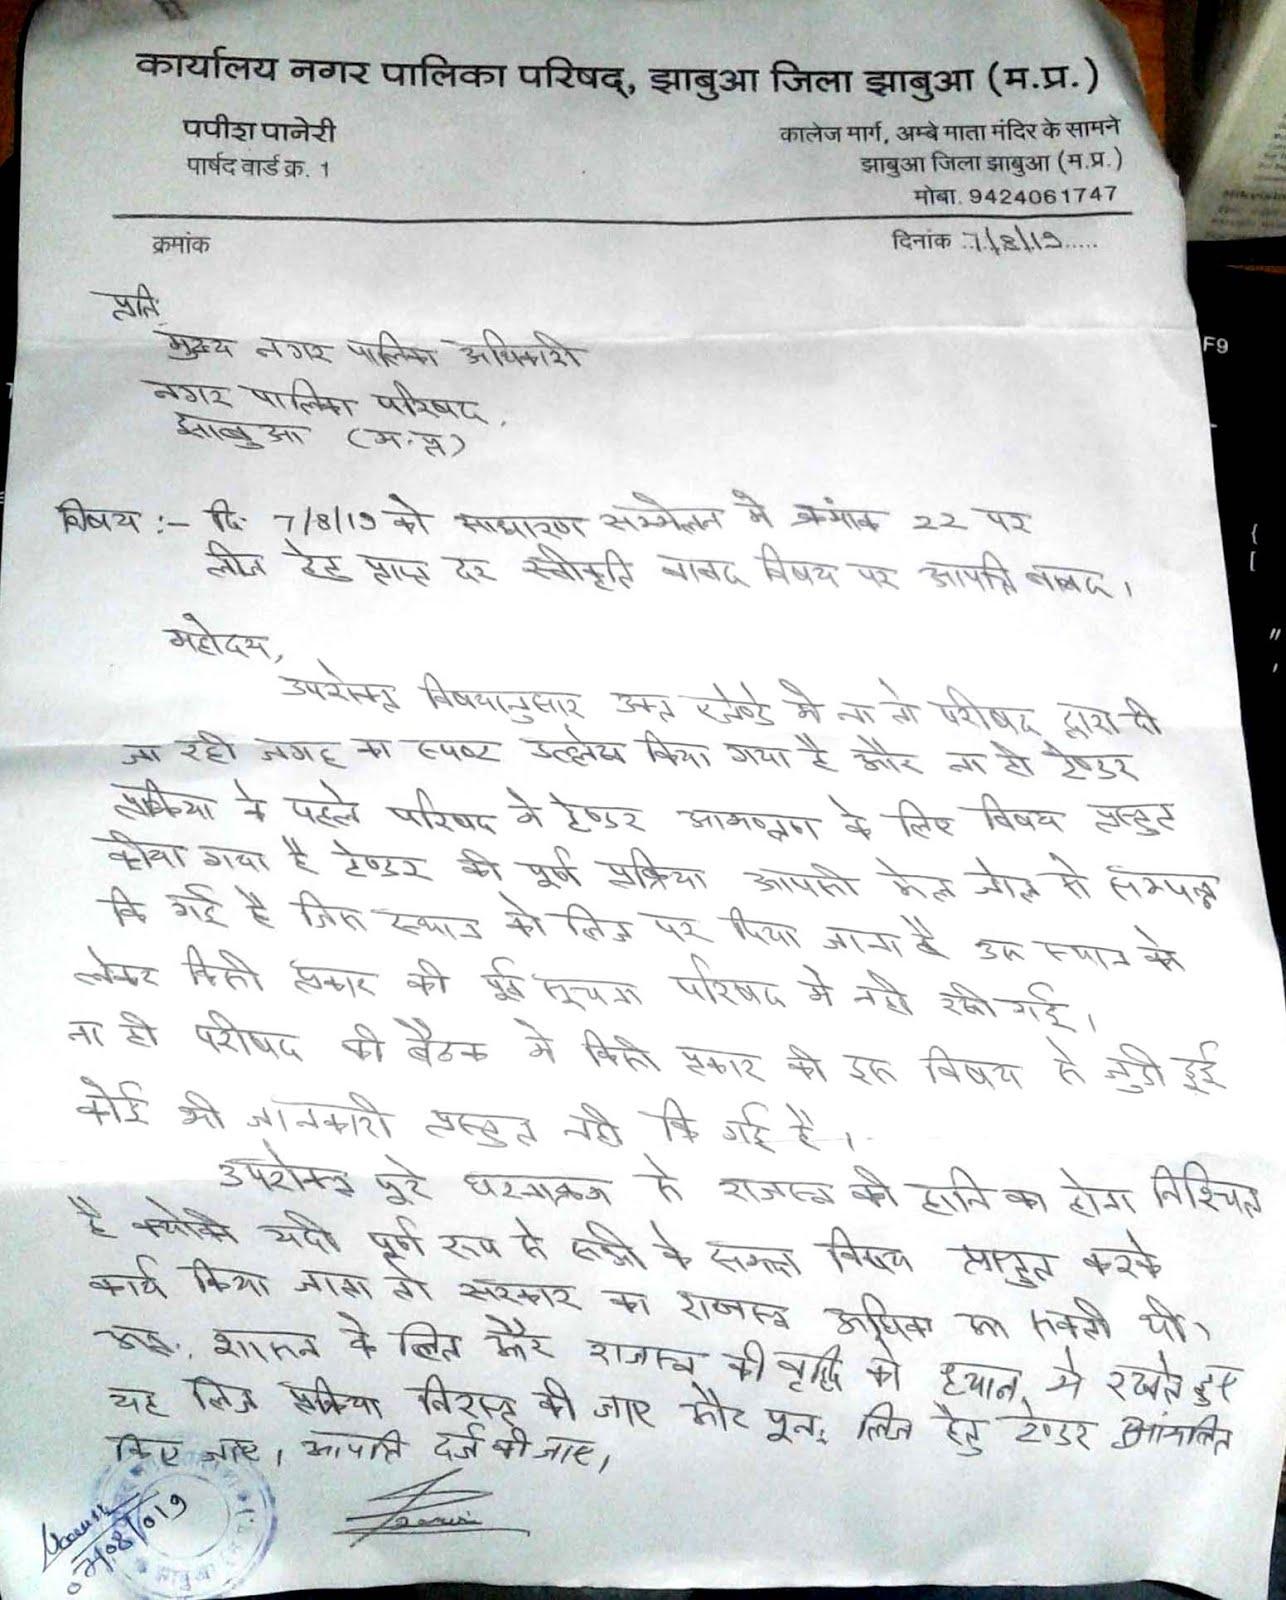 jhabua news- पार्षद पपीश पानेरी ने नपा सीएमओ को आवेदन देकर लीज प्रक्रिया को निरस्त करने की मांग की